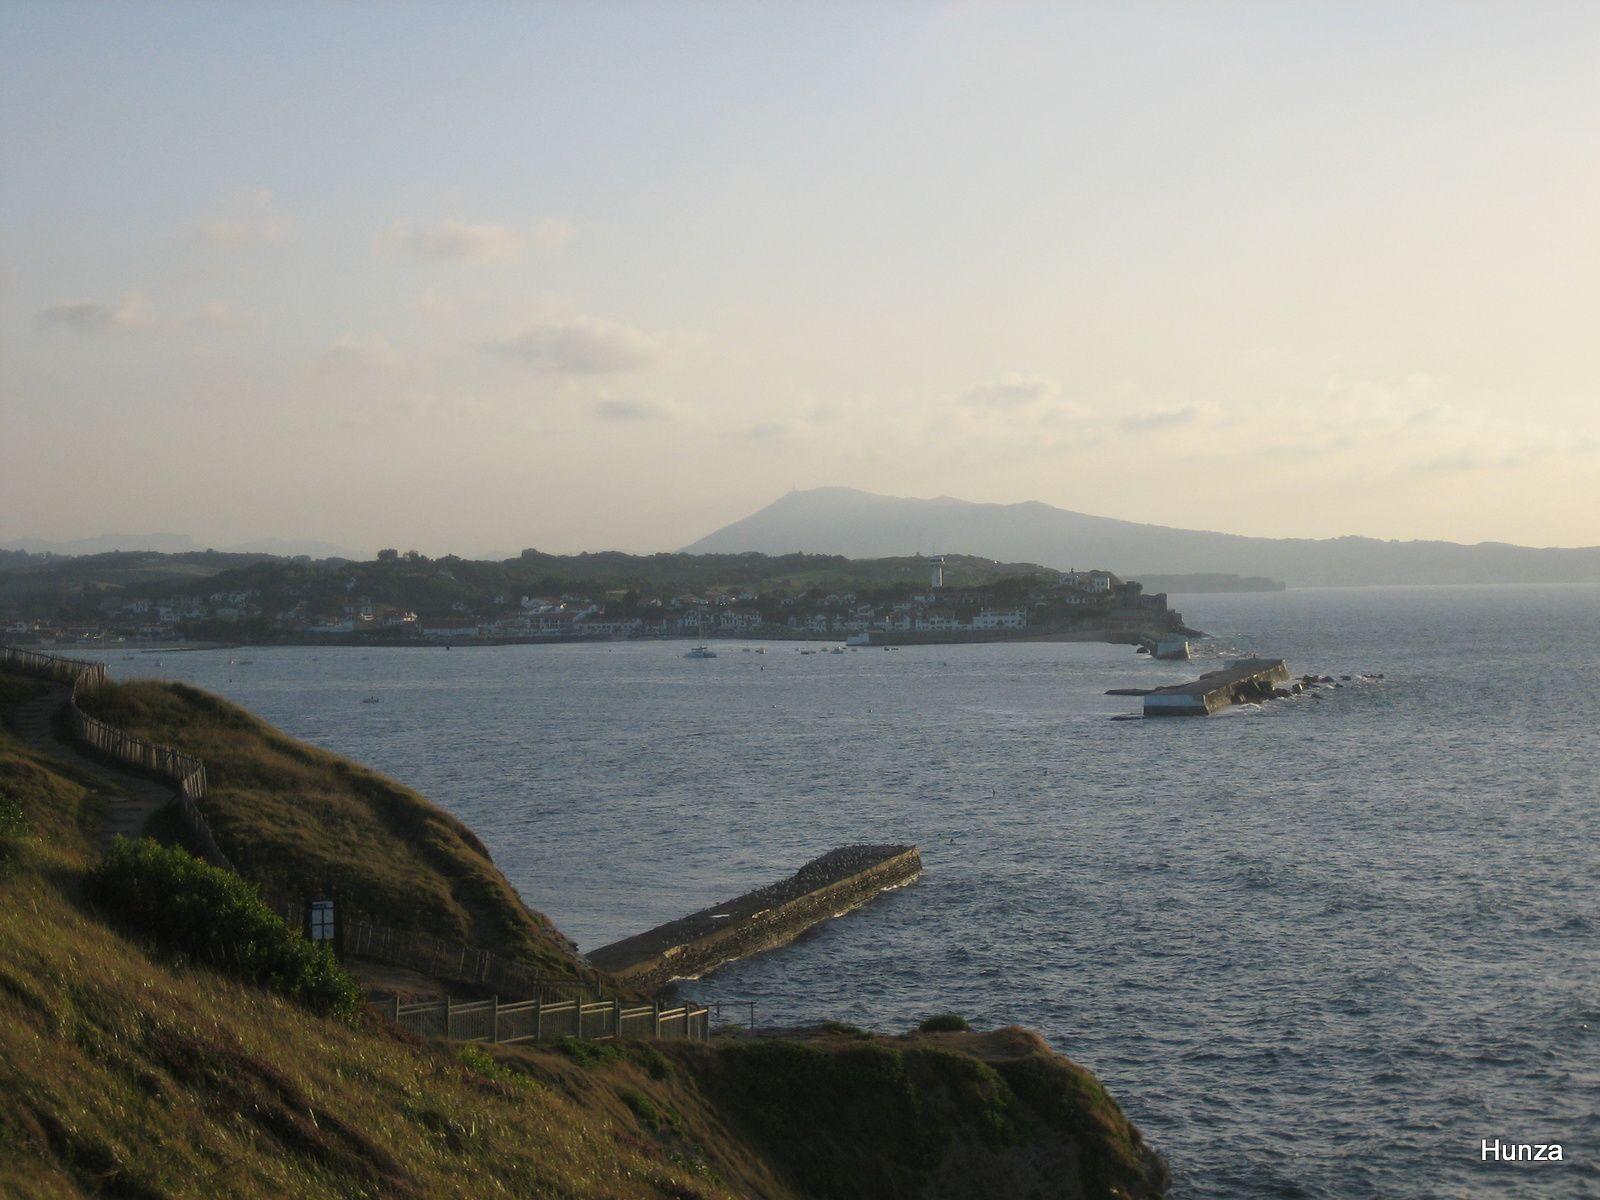 Vue sur la digue de l'Artha et Socoa en arrière plan depuis la pointe de Sainte-Barbe